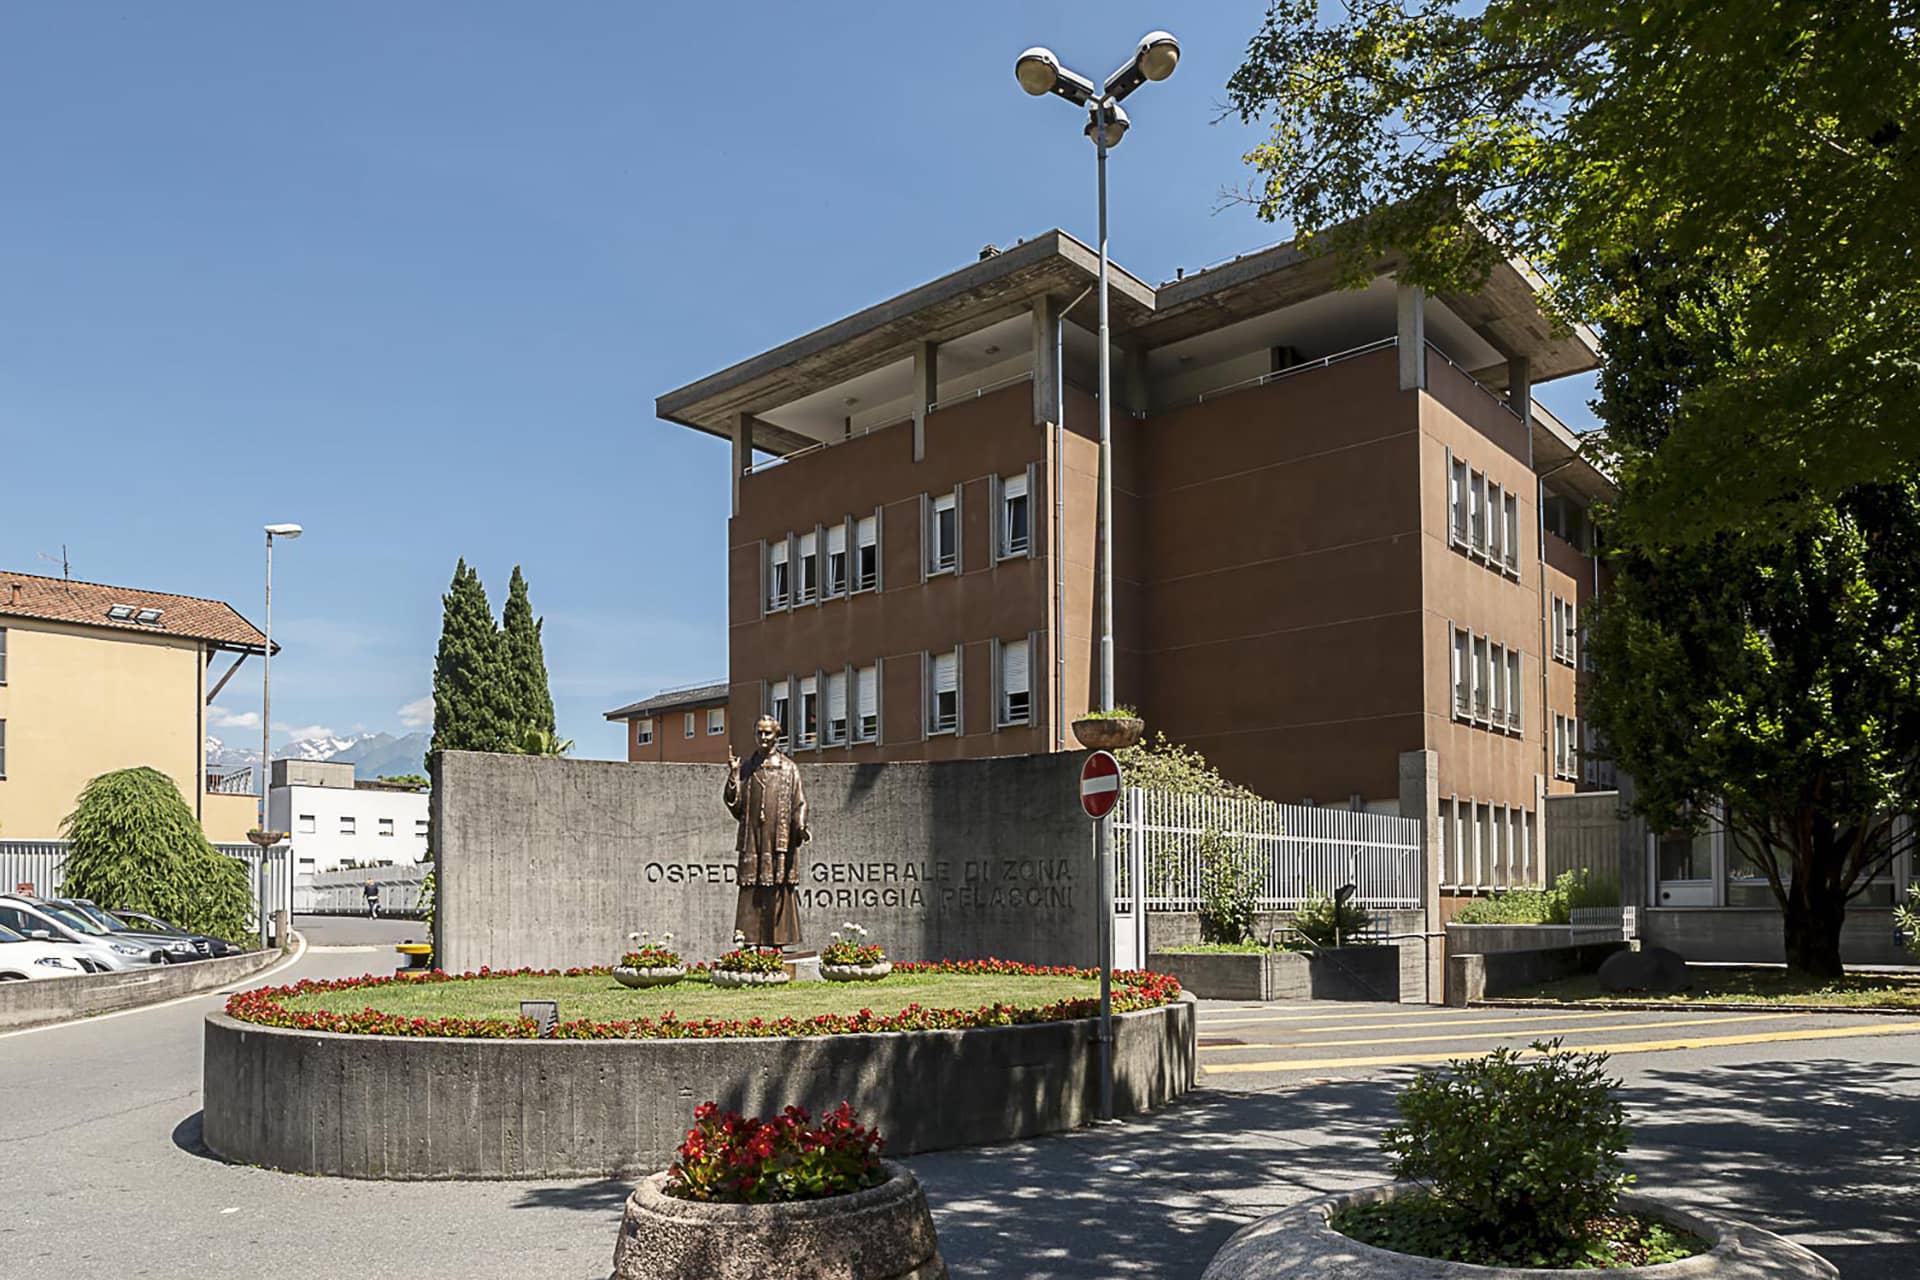 gallery-ospedale-moriggia-pelascini-gravedona (20)